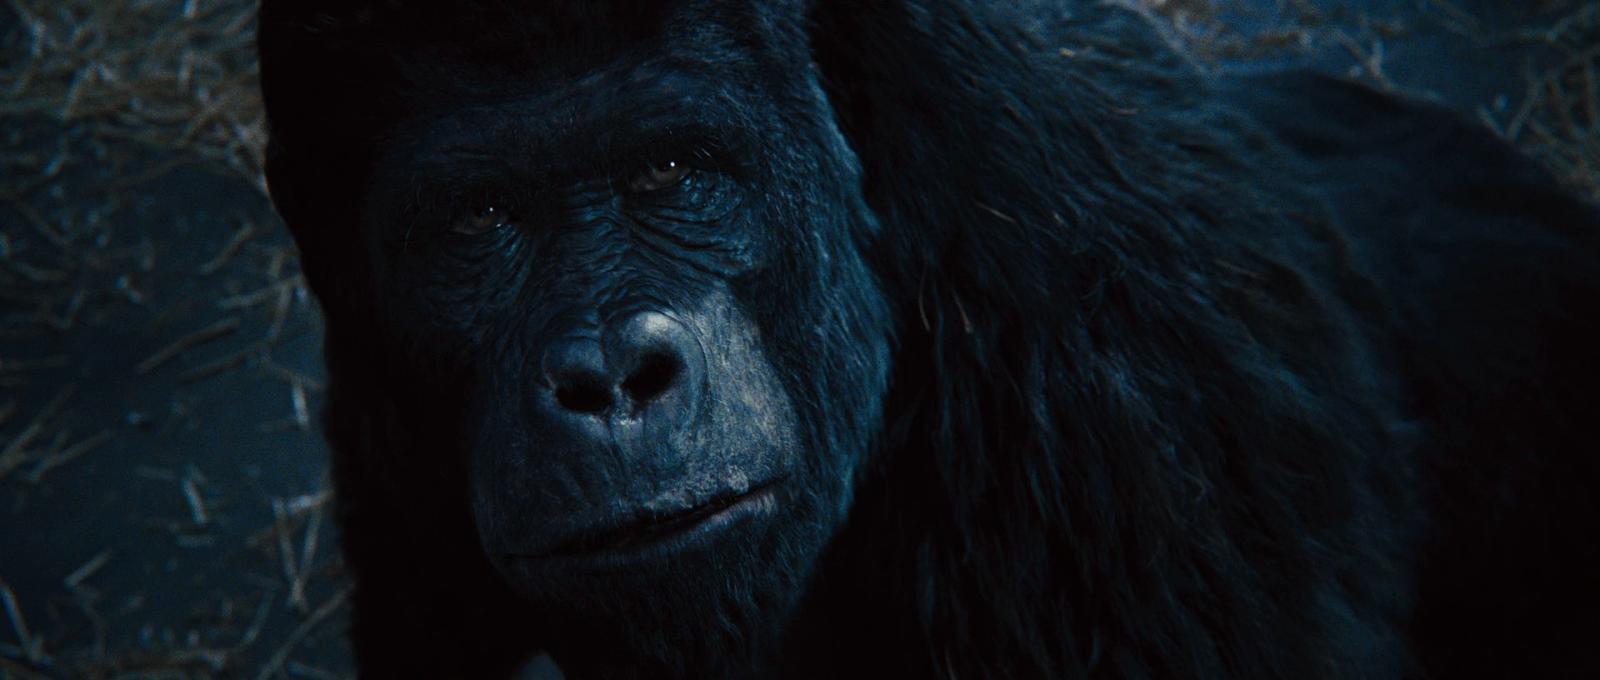 El Planeta de los Simios: (R)Evolución (2011) BRRip 1080p Latino - Ingles captura 3